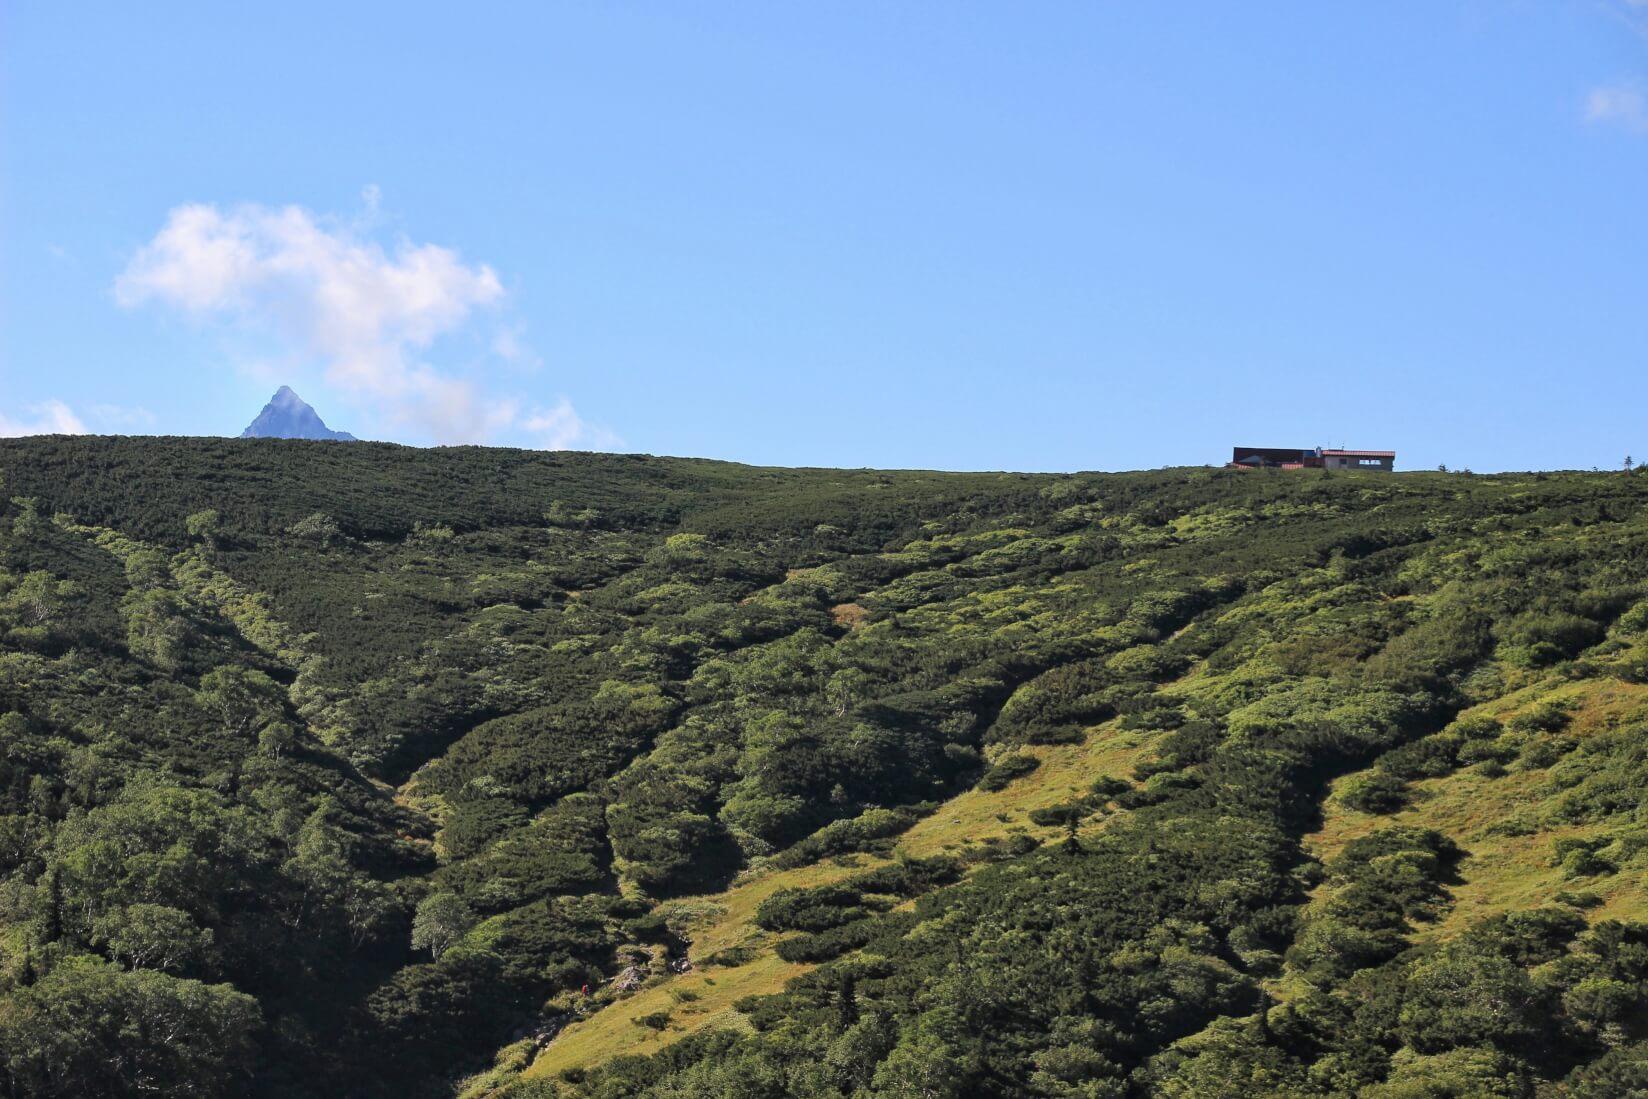 槍ヶ岳と三俣山荘